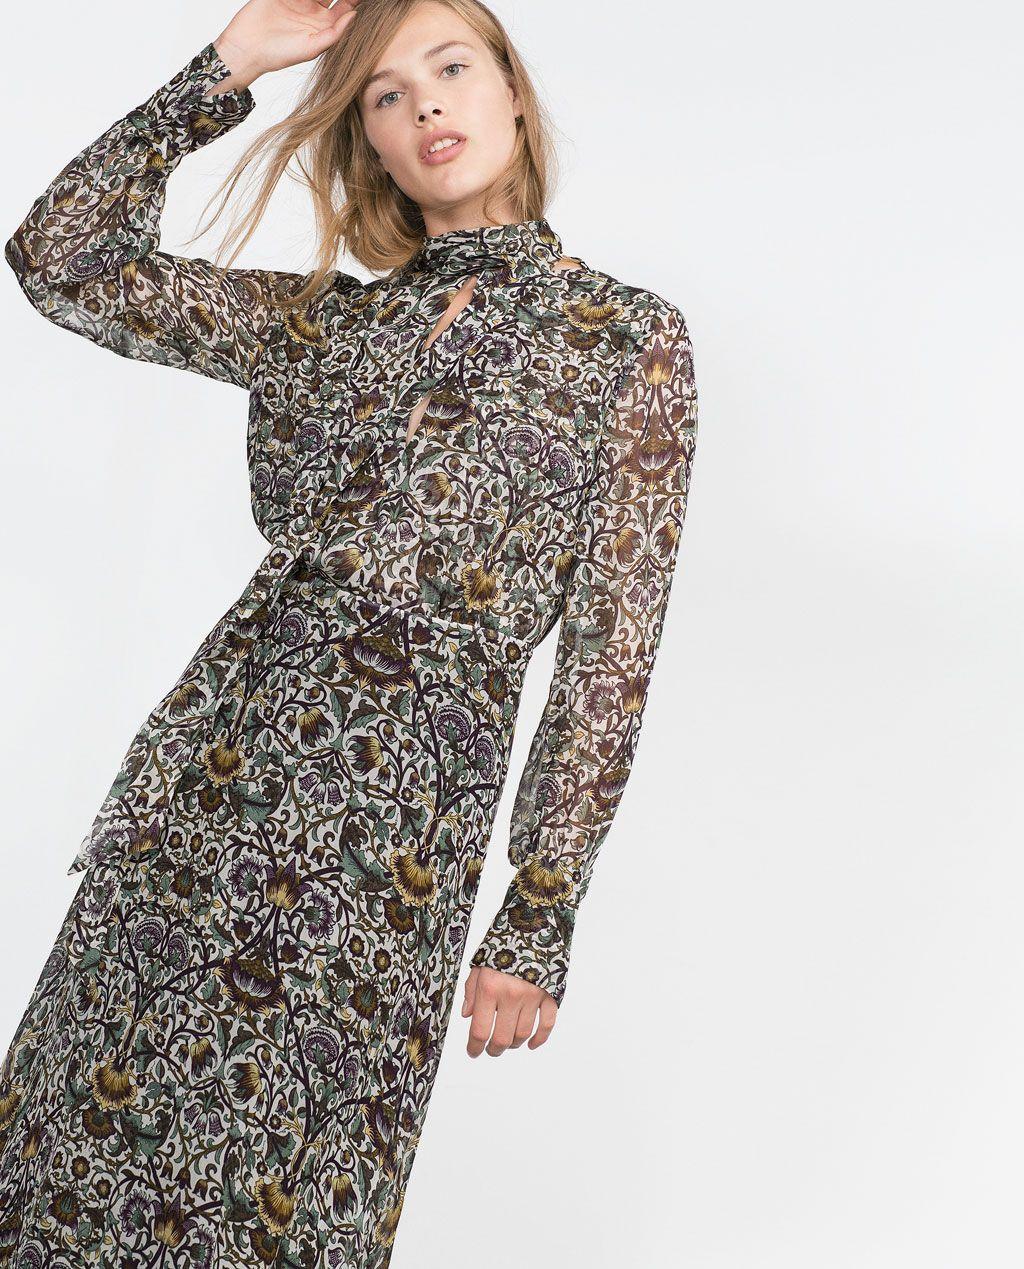 Aw Zara Dresses Commerce Dresses Pinterest 2015 E Moda ZTqx7Uw